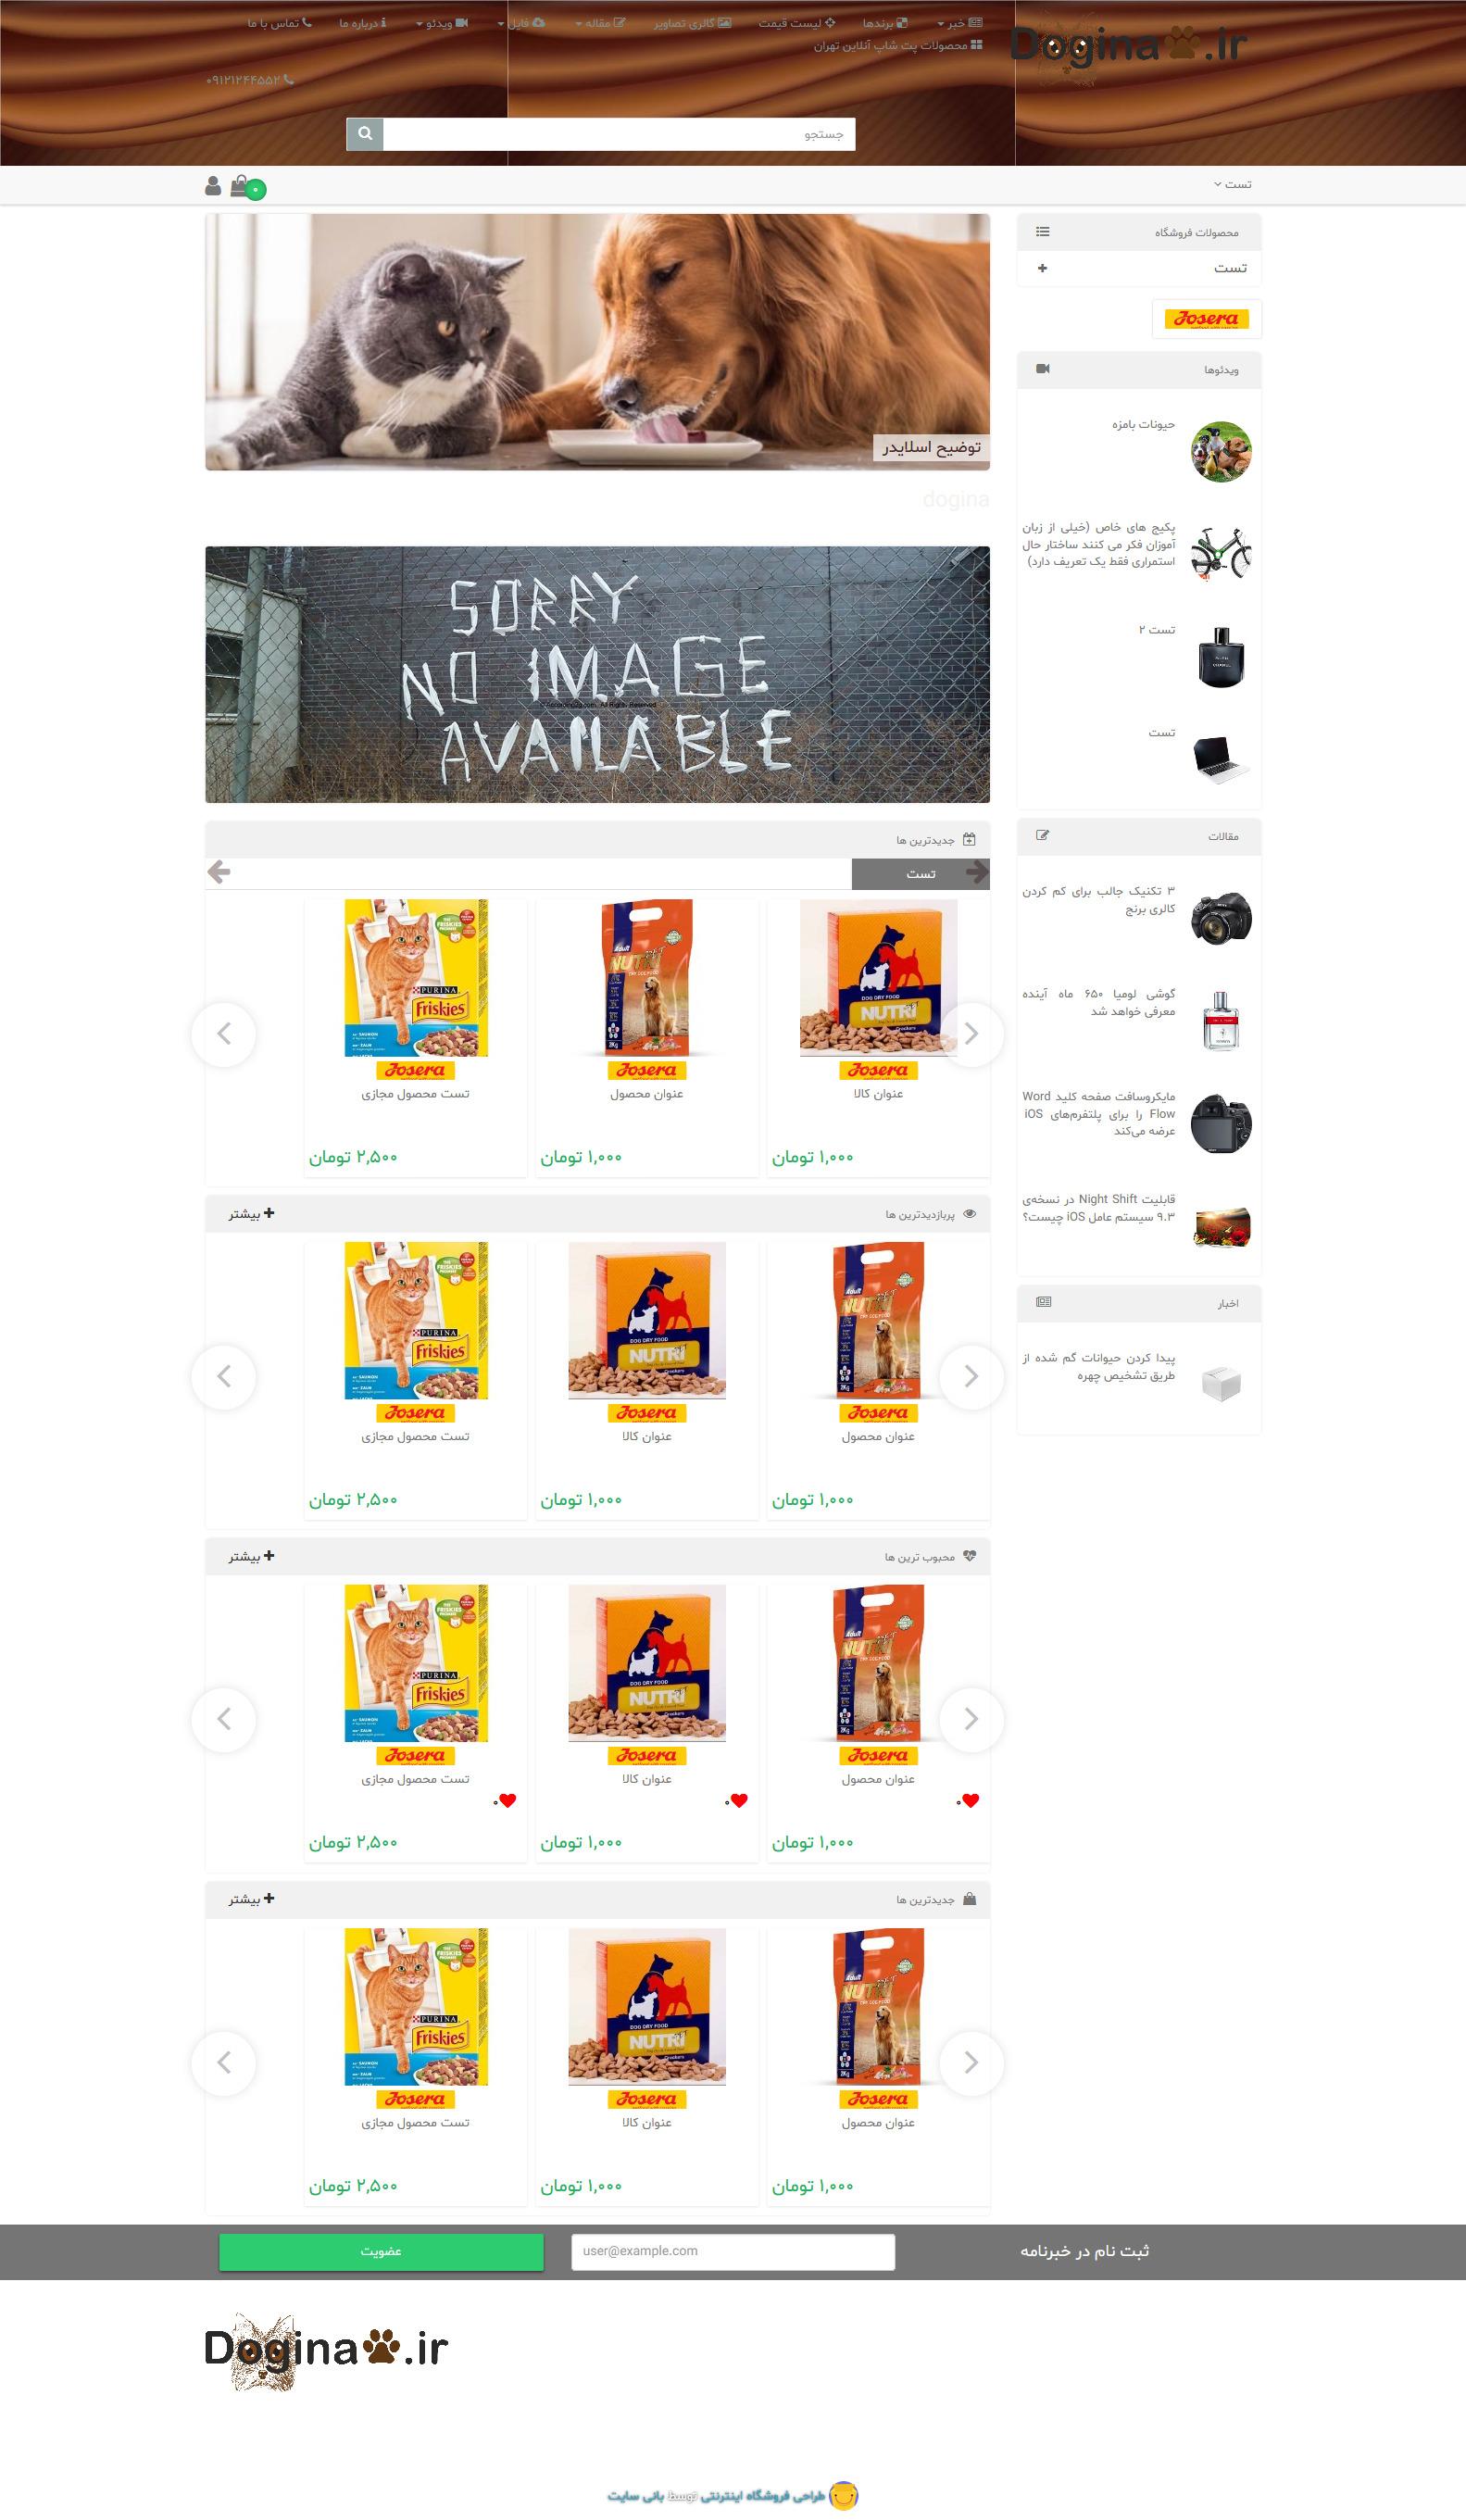 طراحی سایت فروشگاه پت شاپ دوگینا